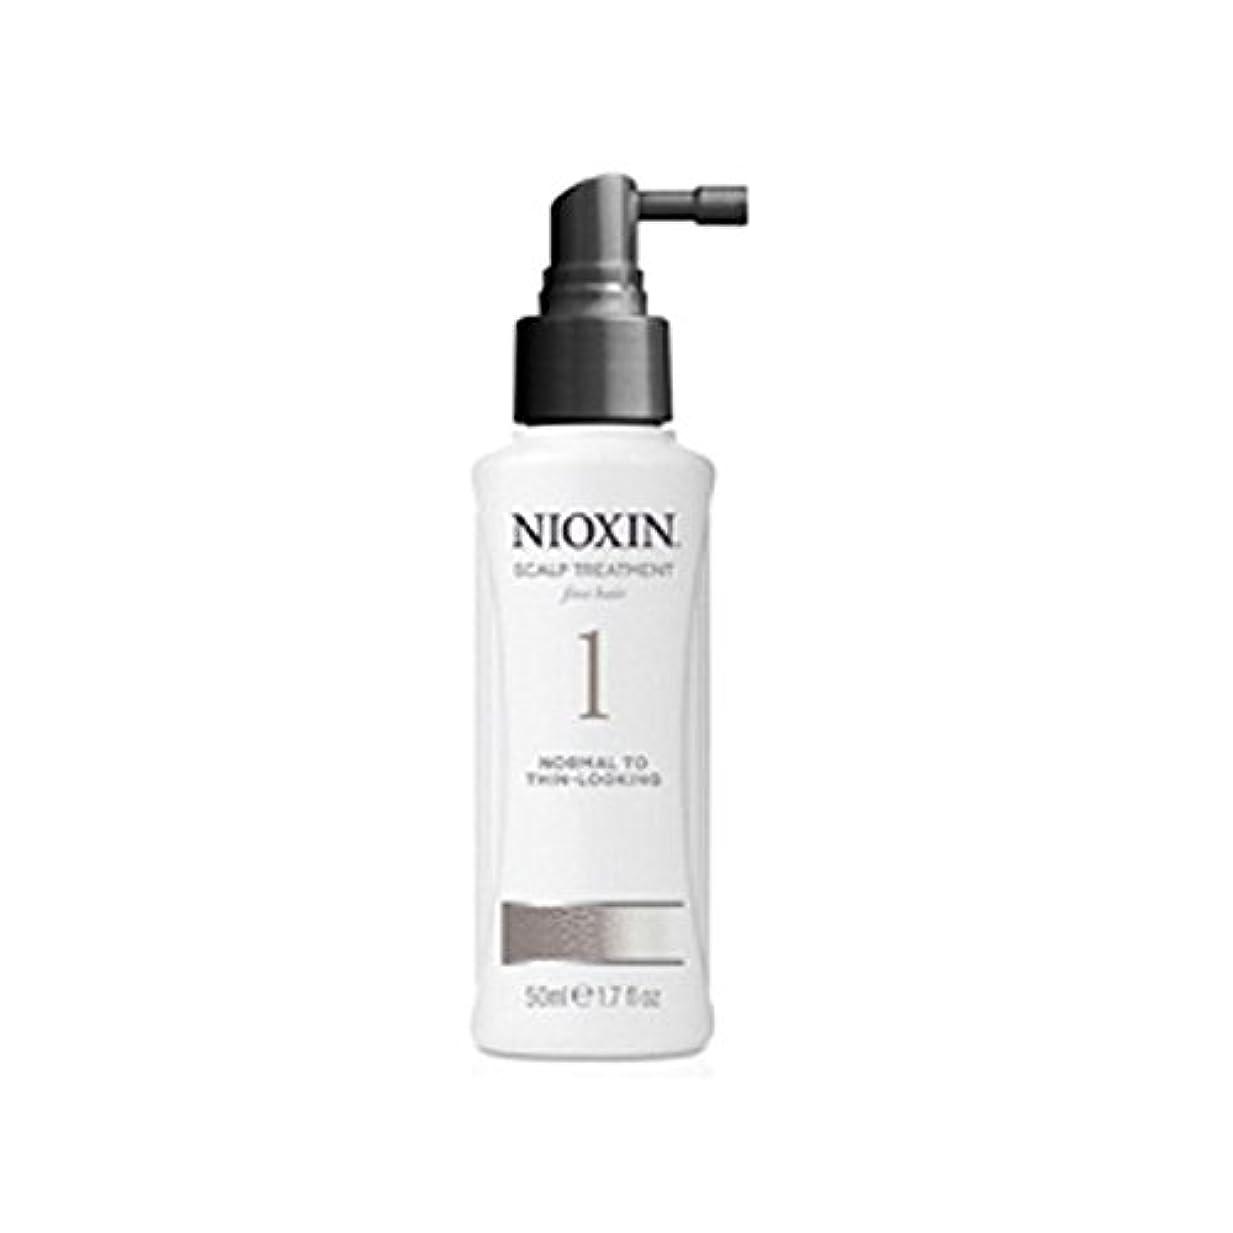 範囲統計ファンネルウェブスパイダーNioxin System 1 Scalp Treatment For Normal To Fine Natural Hair (100ml) - 細かい自然な髪への通常のためニオキシンシステム1スカルプトリートメント(...